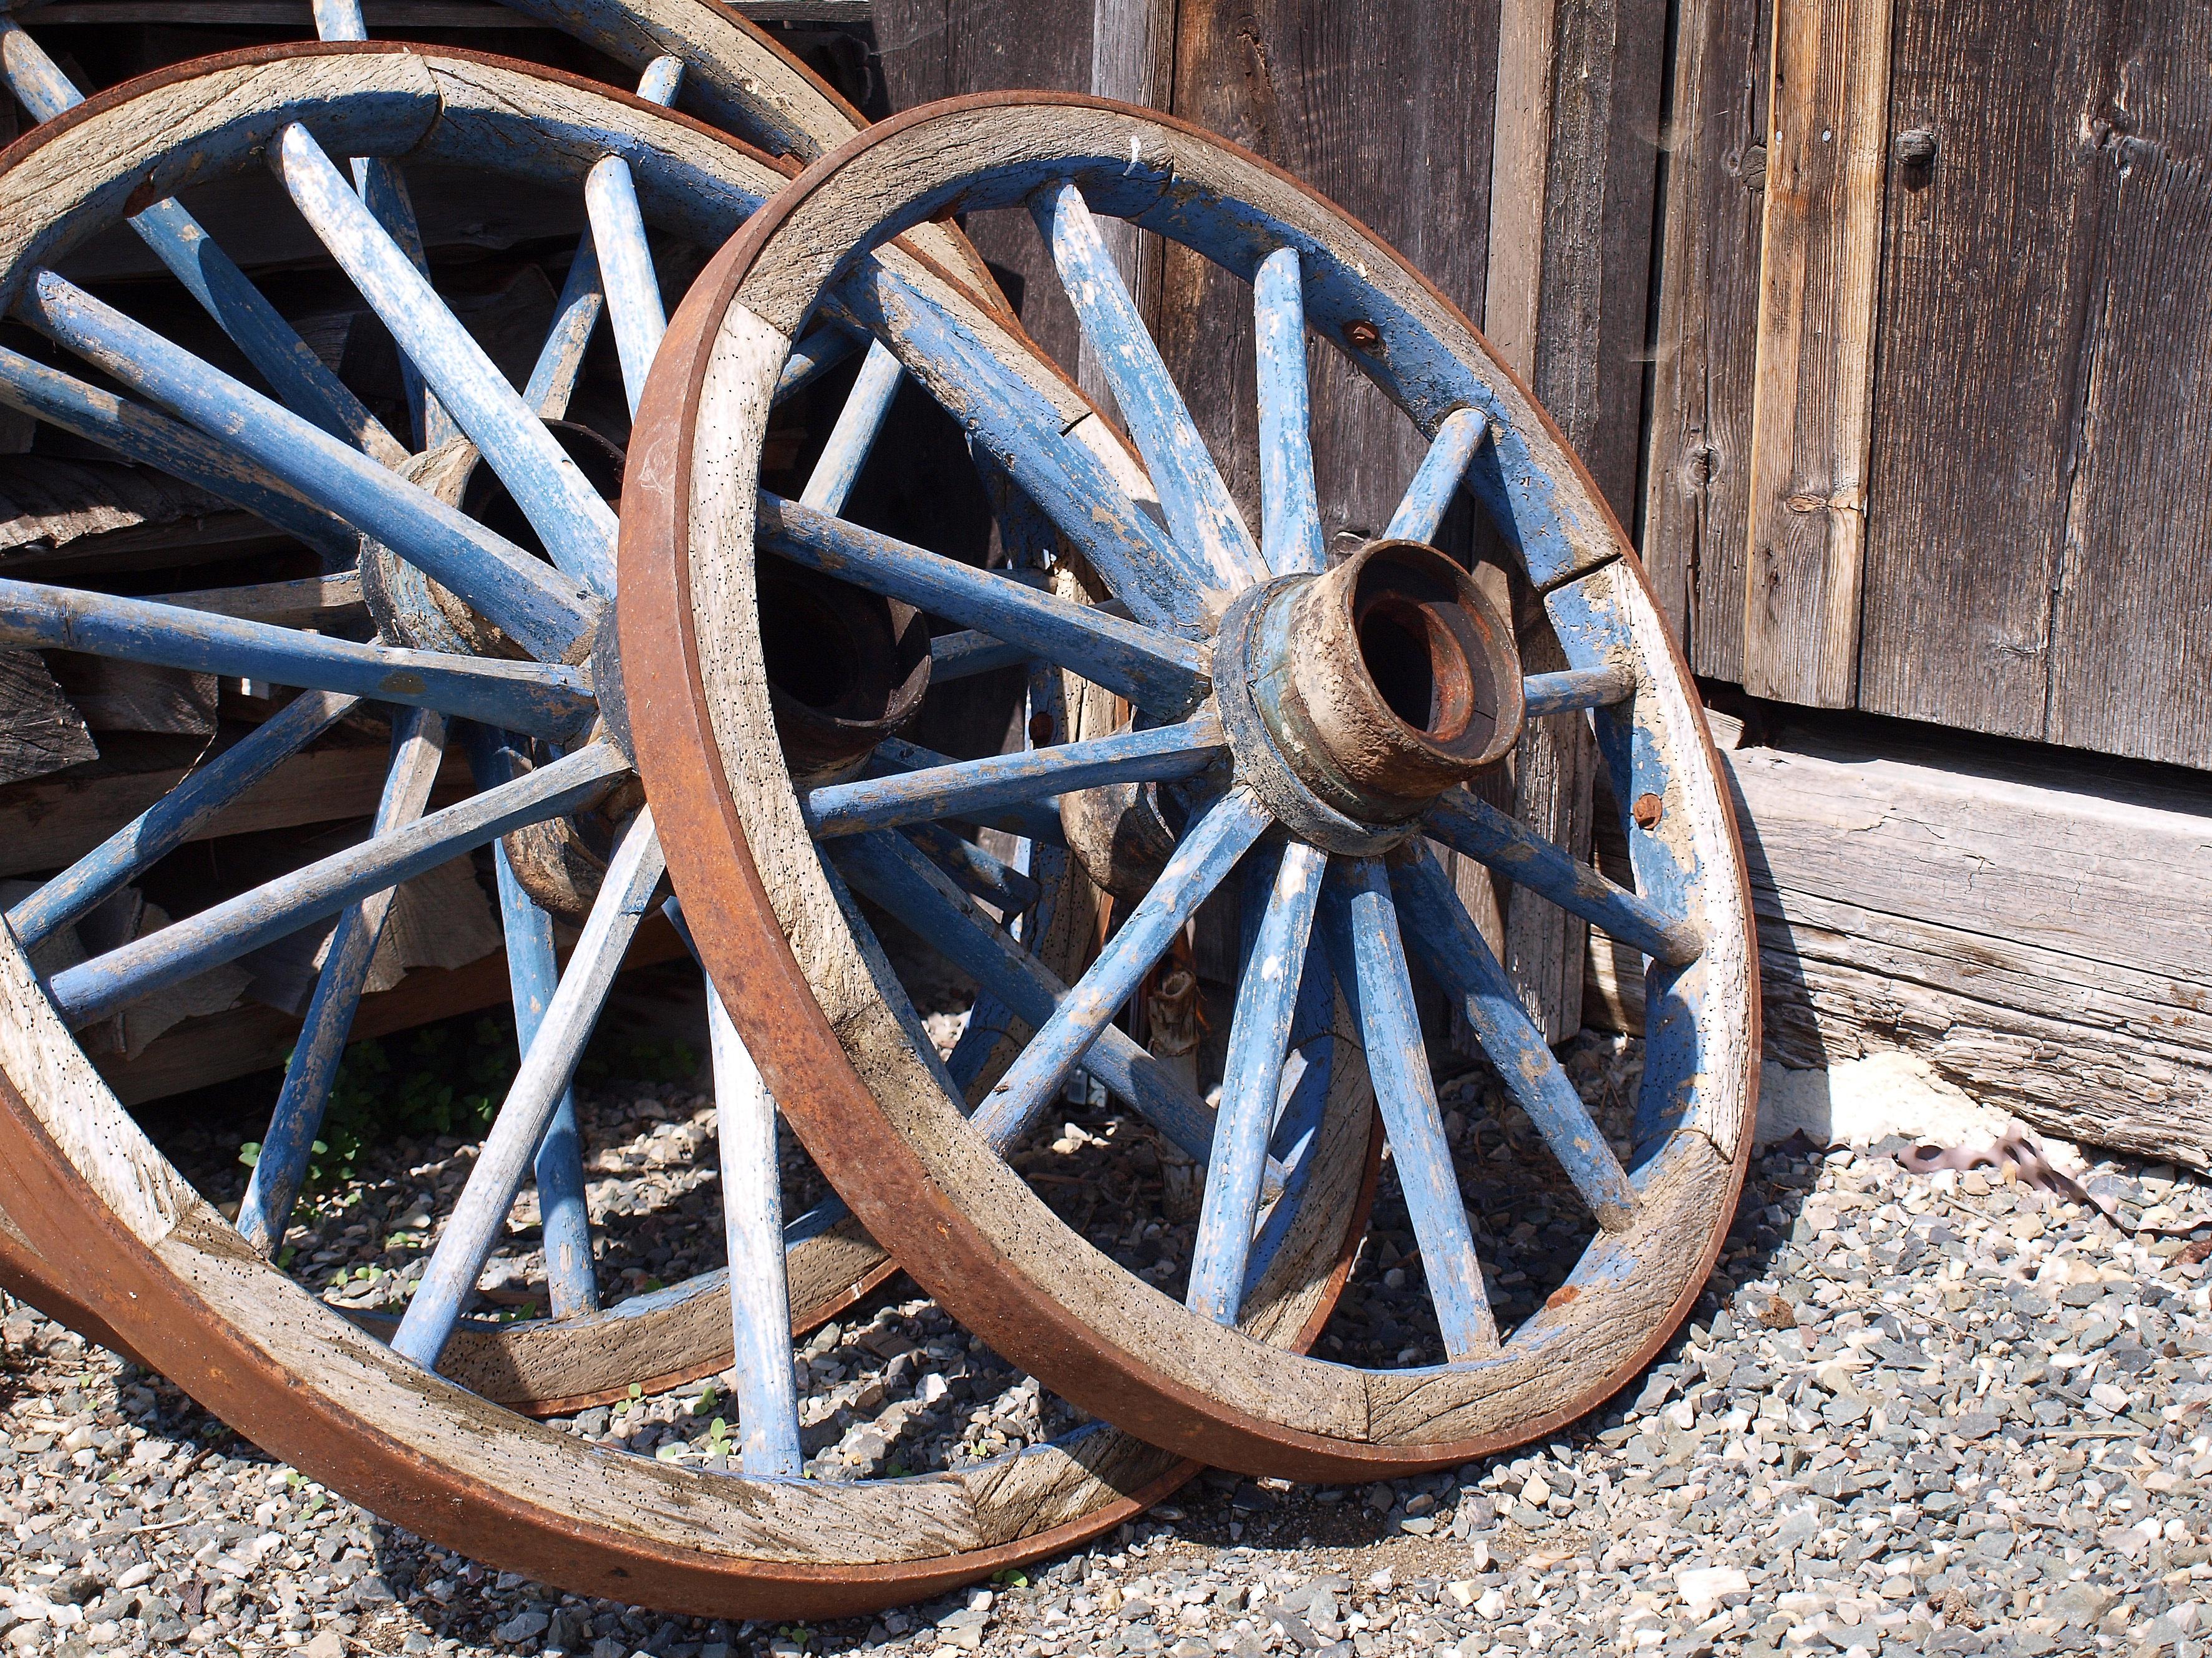 Free images wood vehicle spoke nostalgia agriculture spokes wood wheel vehicle spoke nostalgia agriculture tire spokes rim hub iron wooden wheel old wagon wheel publicscrutiny Choice Image